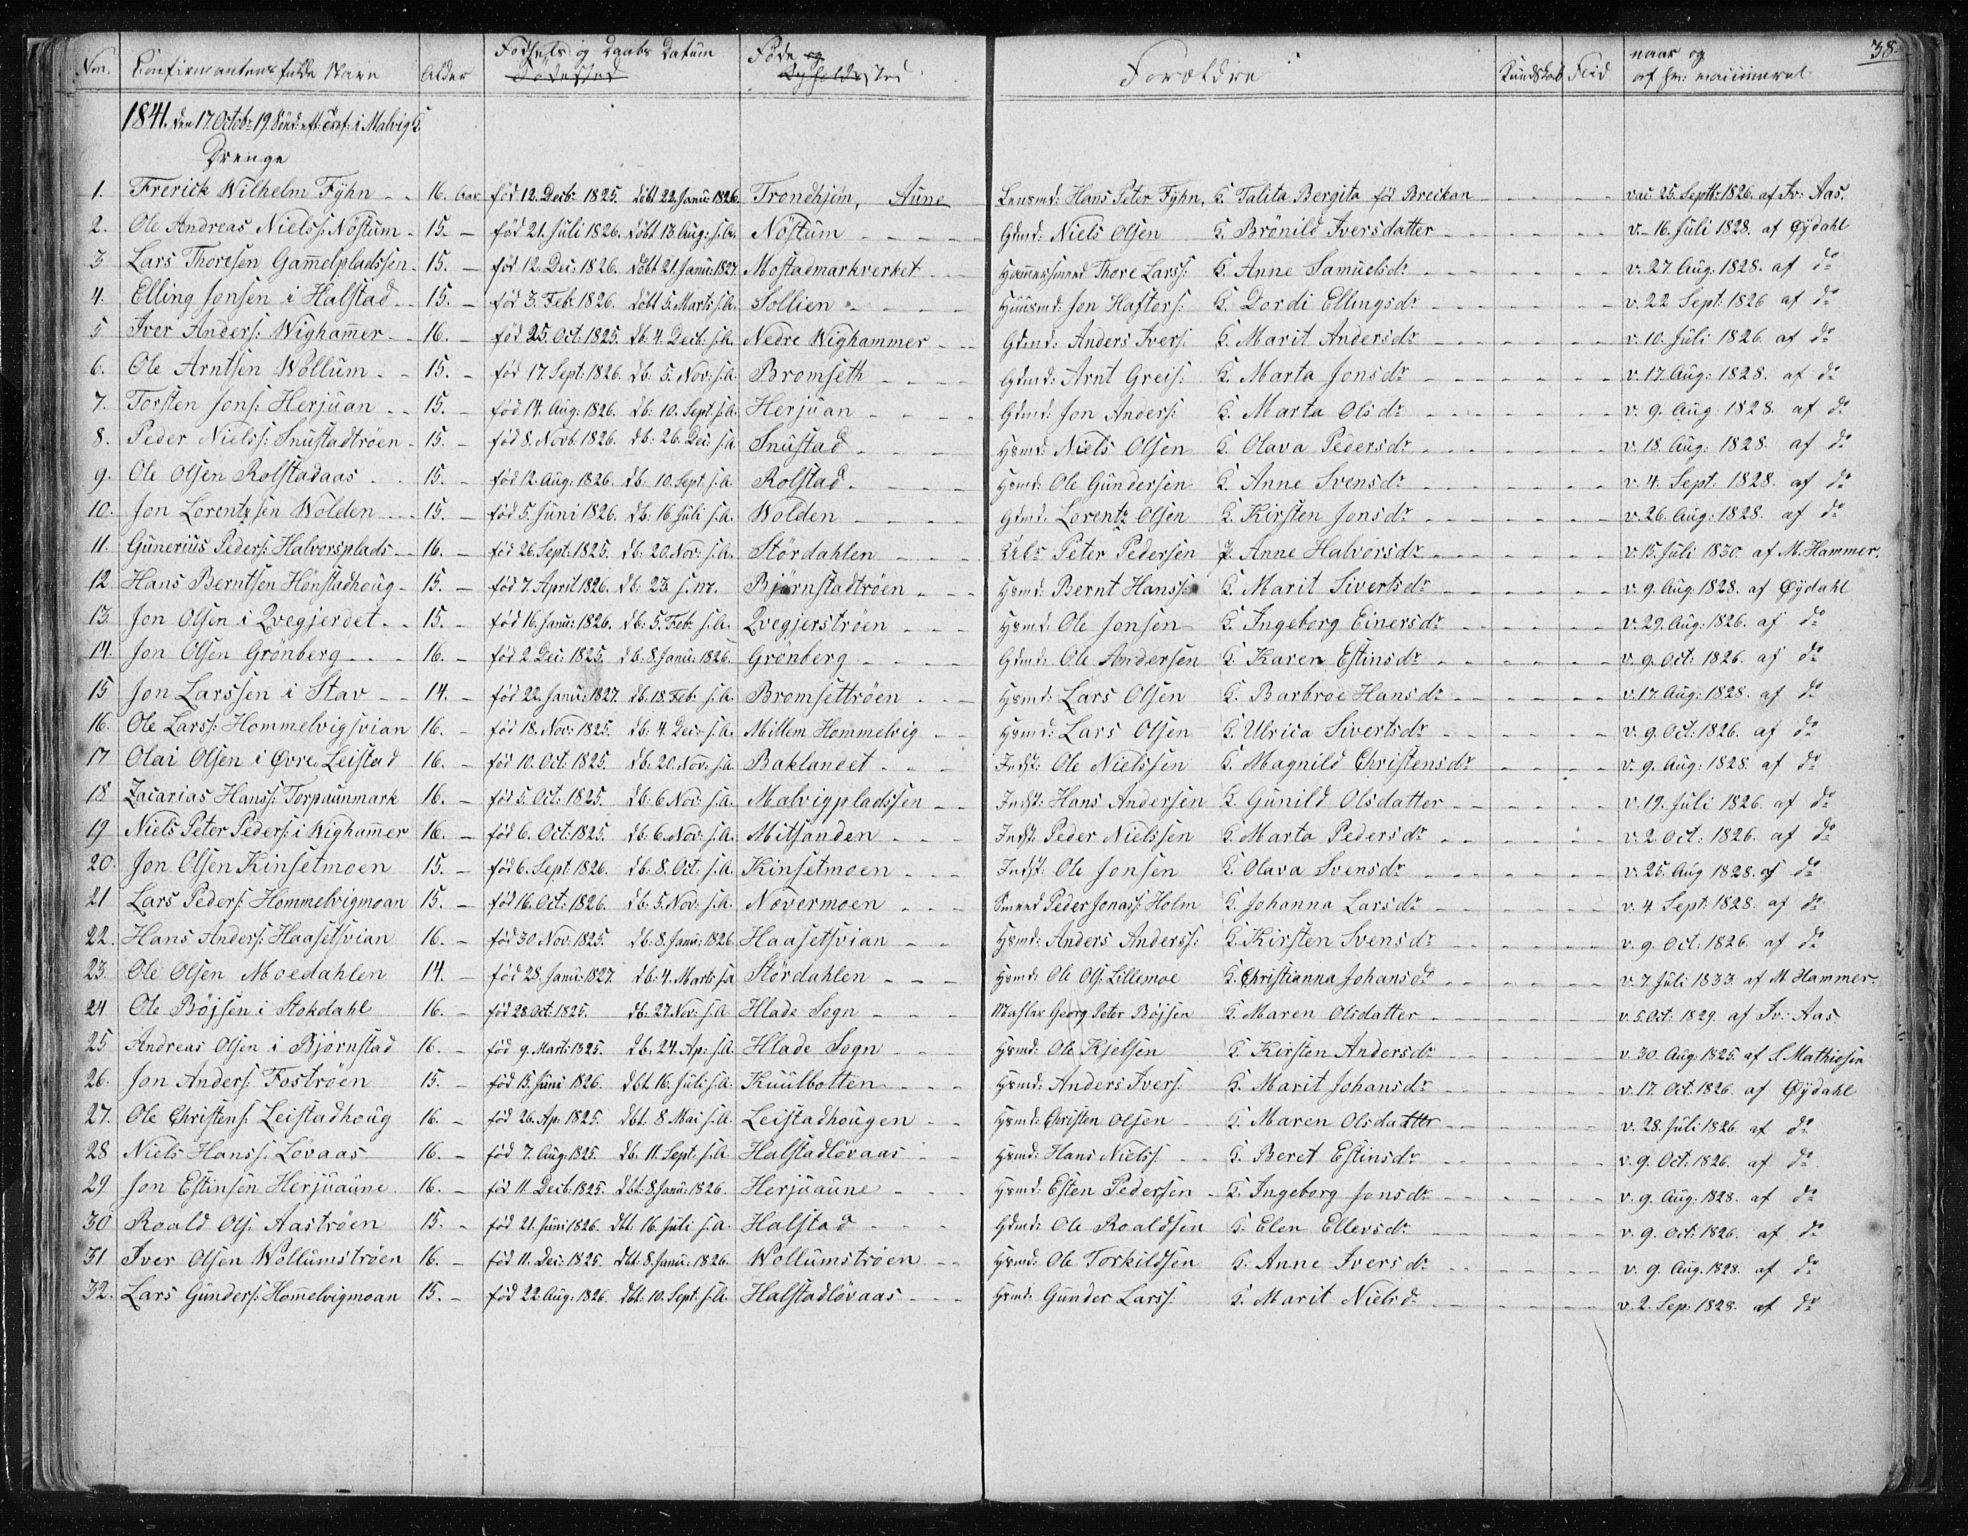 SAT, Ministerialprotokoller, klokkerbøker og fødselsregistre - Sør-Trøndelag, 616/L0405: Ministerialbok nr. 616A02, 1831-1842, s. 38